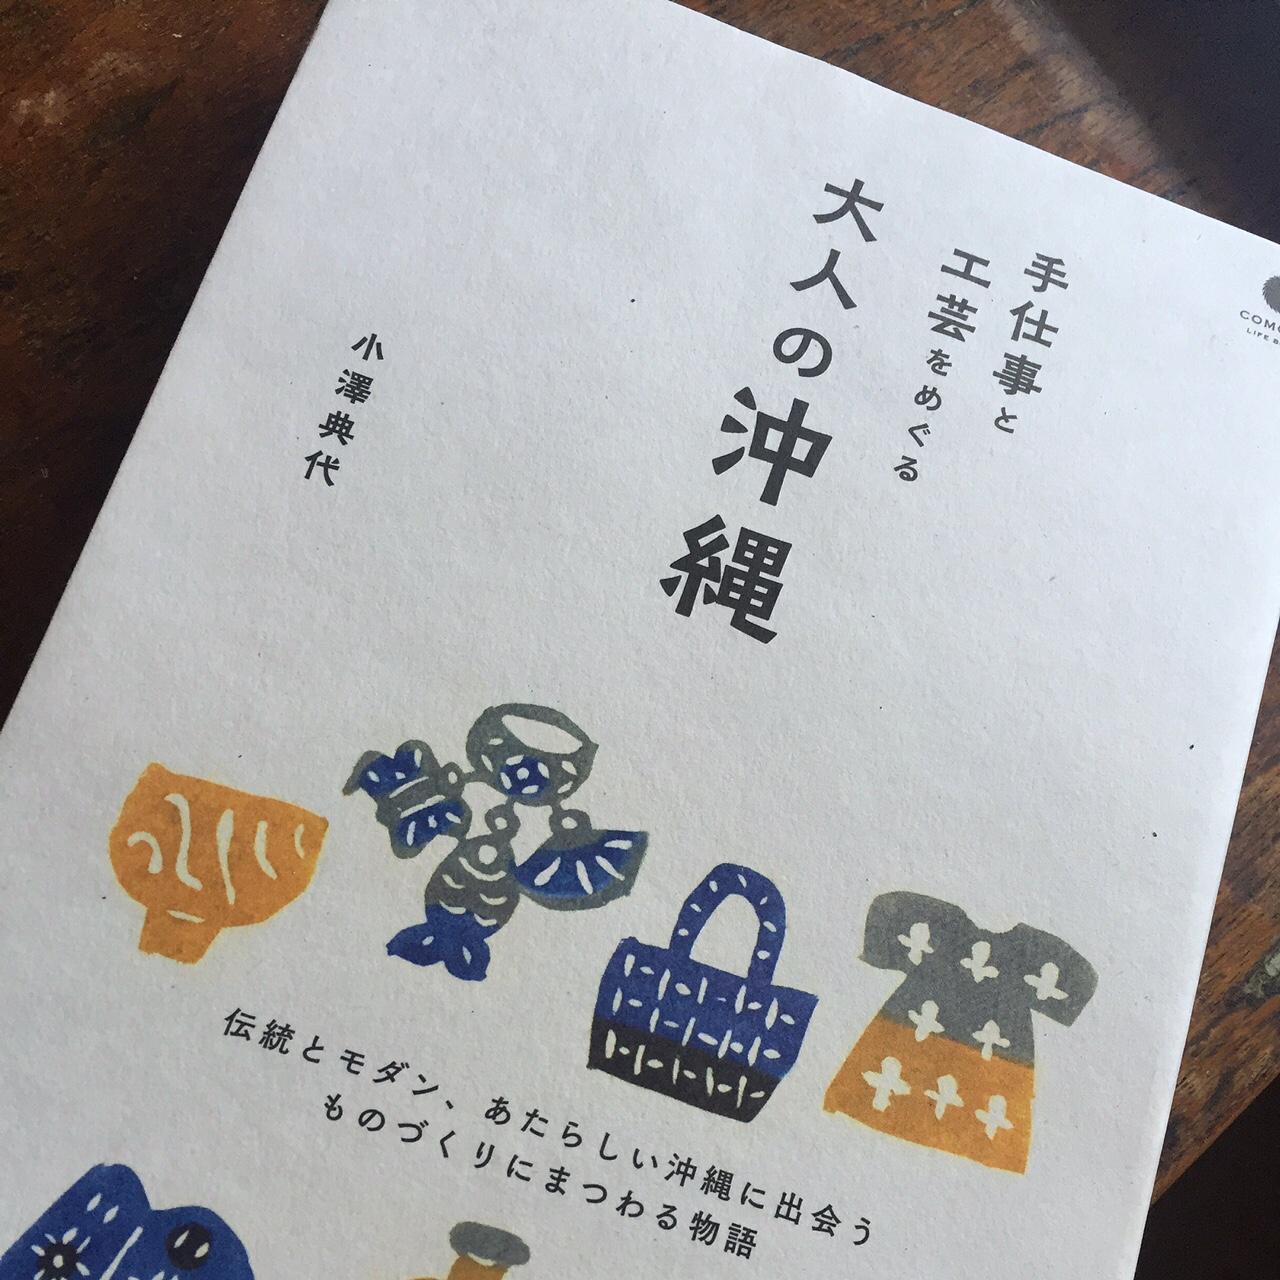 『手仕事と工芸をめぐる大人の沖縄』小澤典代・著